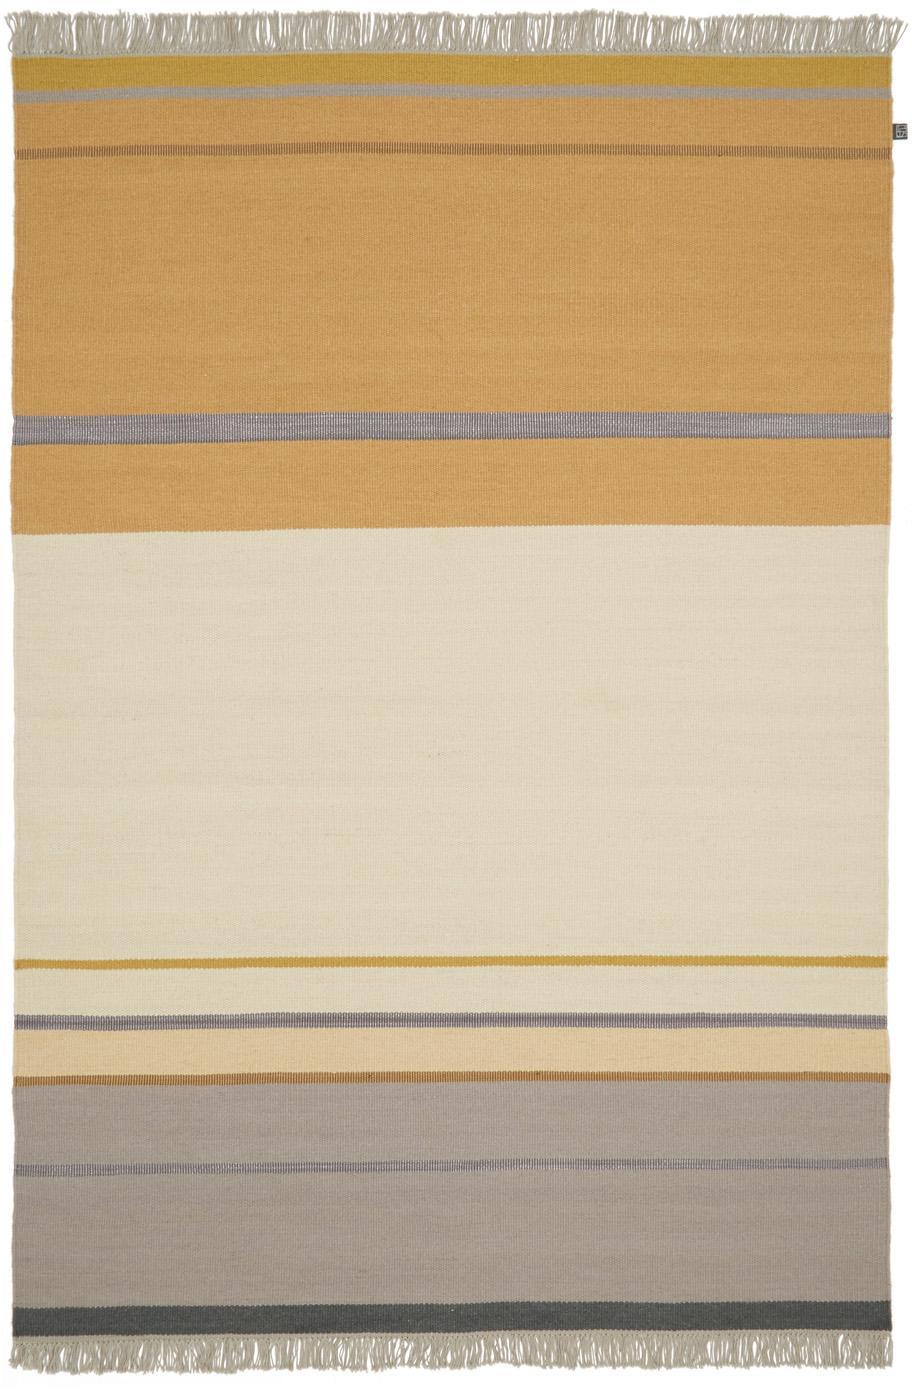 Wollteppich Metallum in Beige/Gelb mit Fransen, handgewebt, Mehrfarbig, B 140 x L 200 cm (Grösse S)